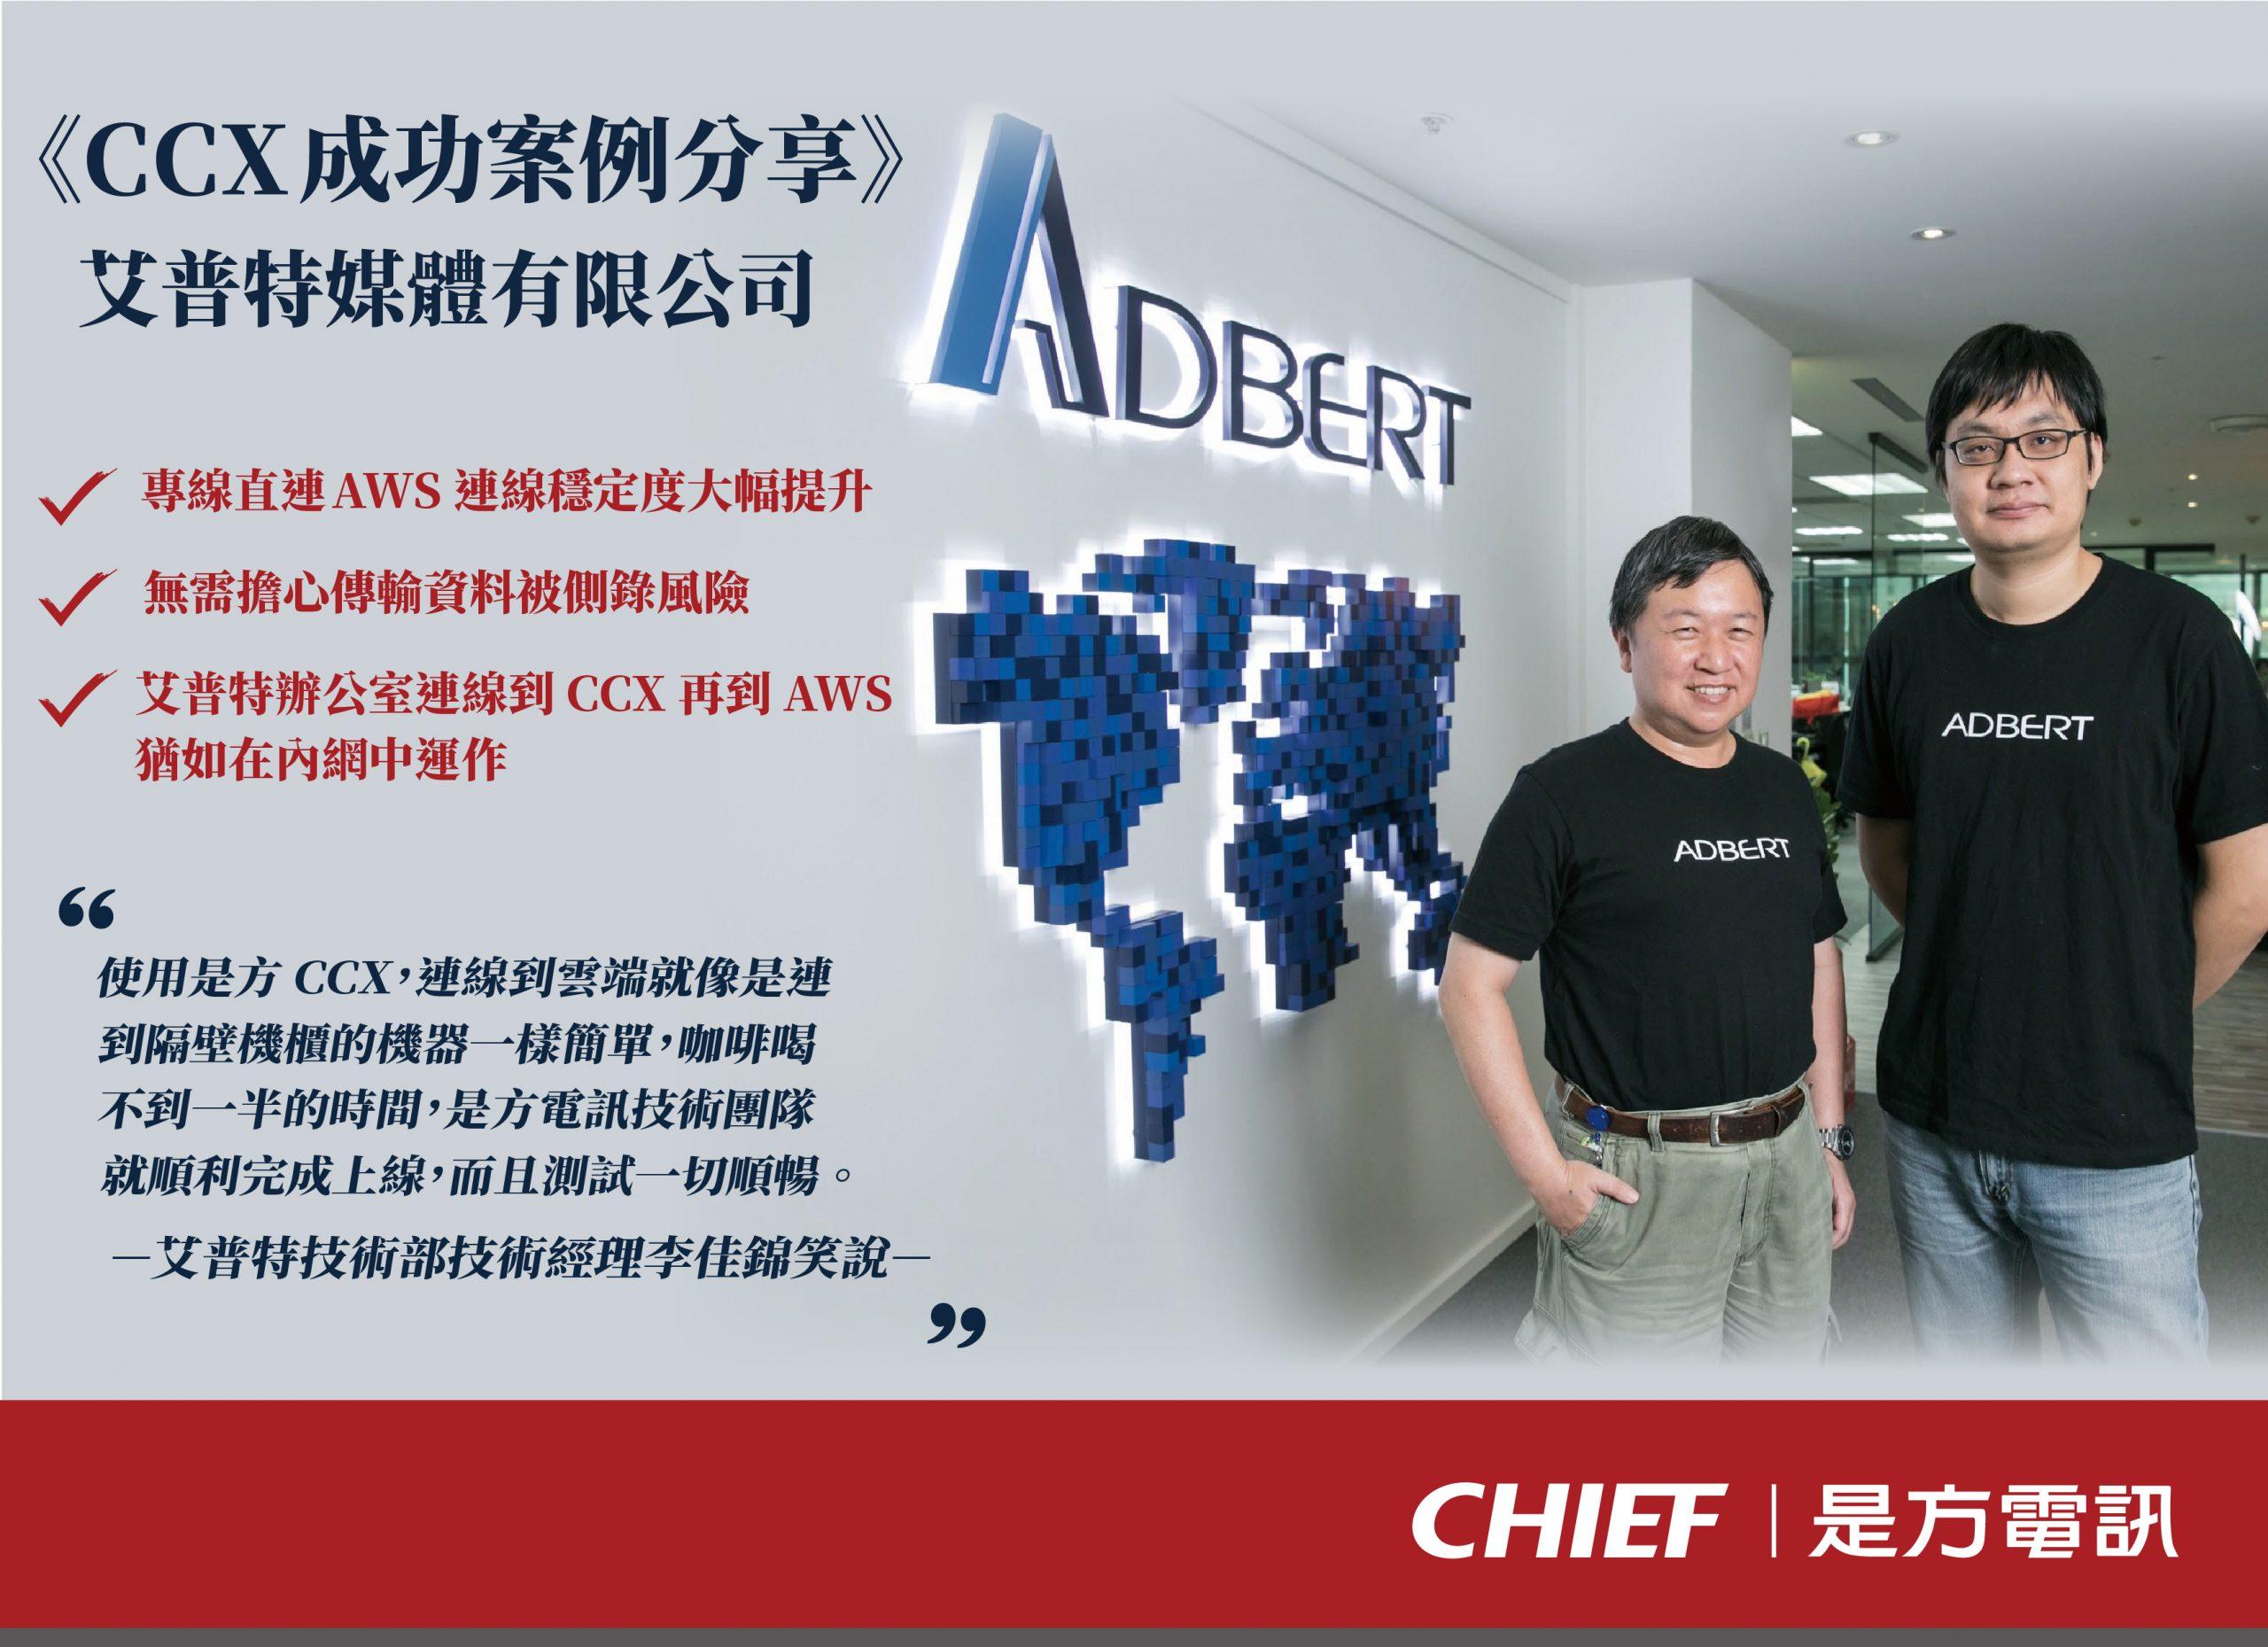 艾普特技術部資深網管工程師賴韋陸(左)與艾普特技術部技術經理李佳錦(右)。